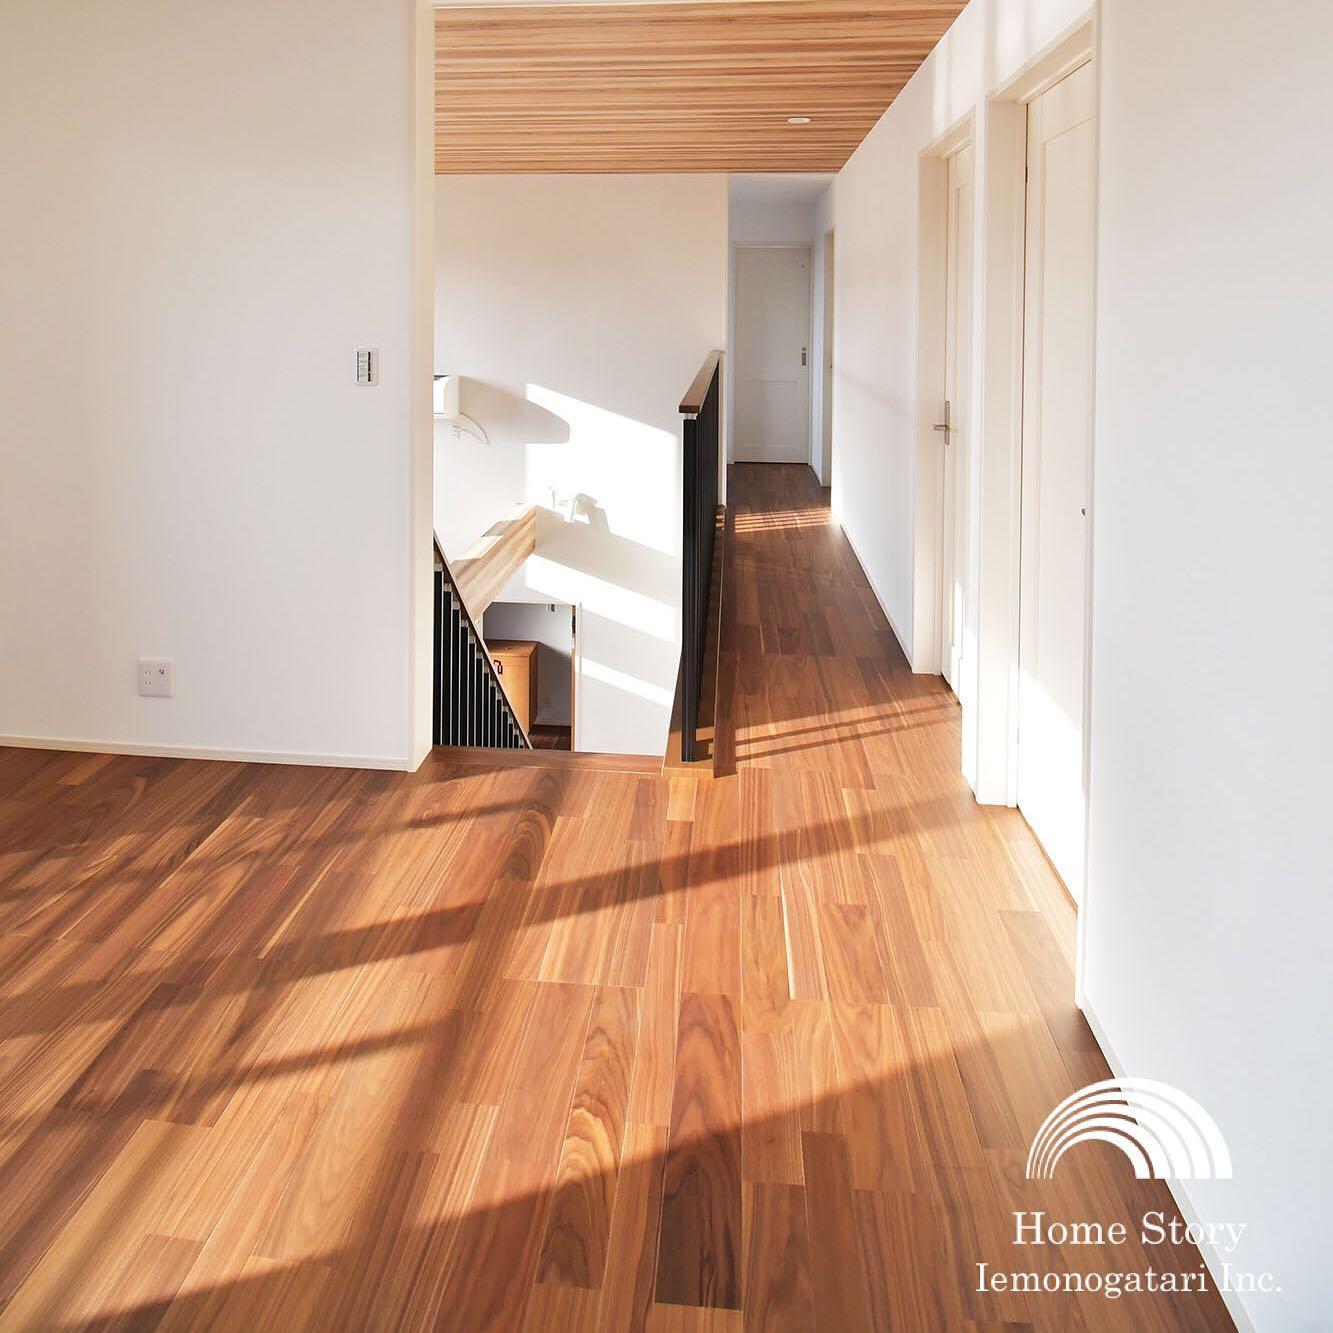 扉のないセカンドリビングは吹き抜けとつなげると開放的でお部屋が広く感じます